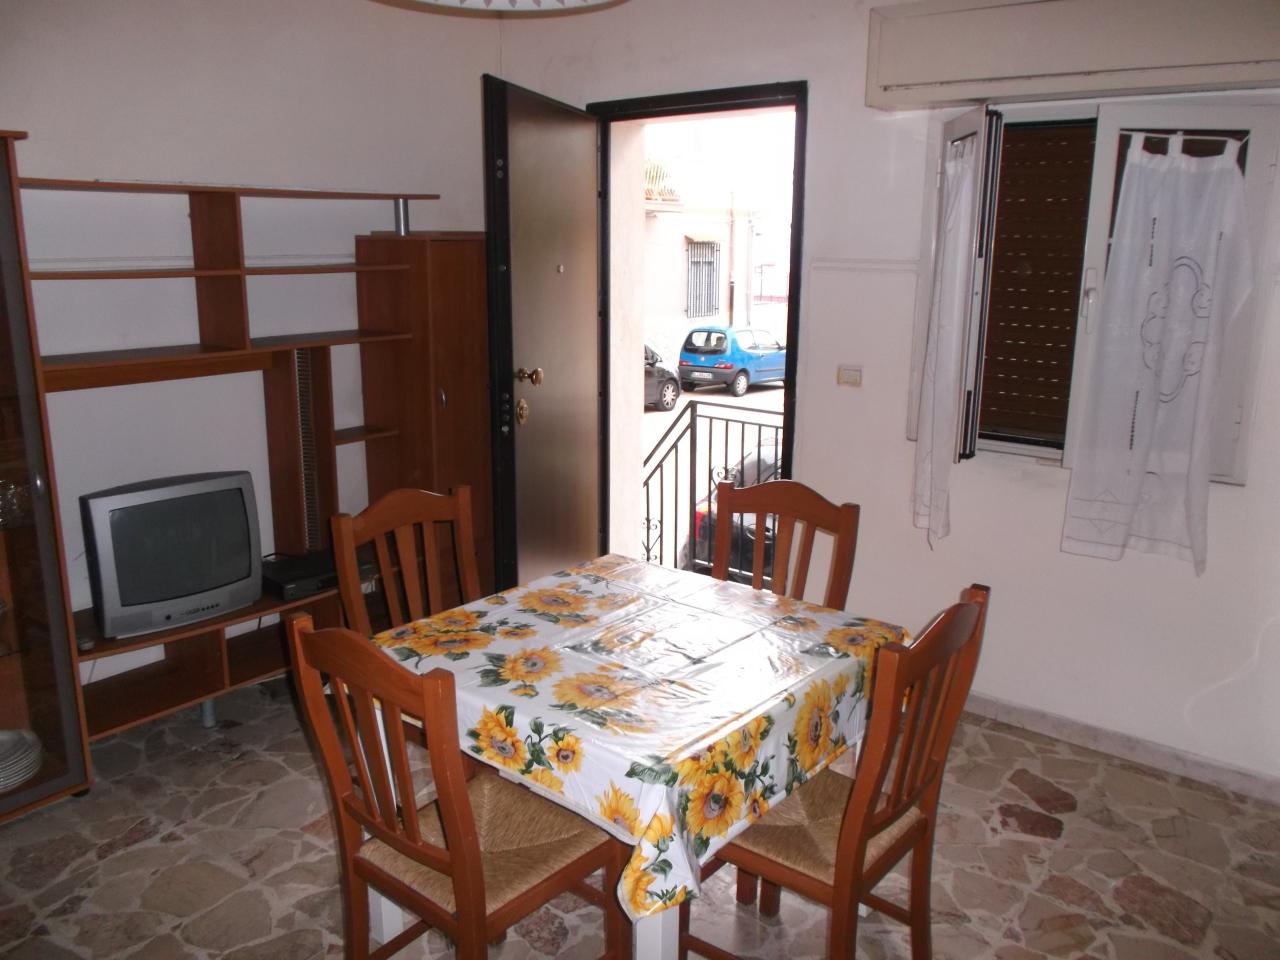 Appartamento - Monolocale a Tunisi Grottasanta Servi di Maria, Siracusa